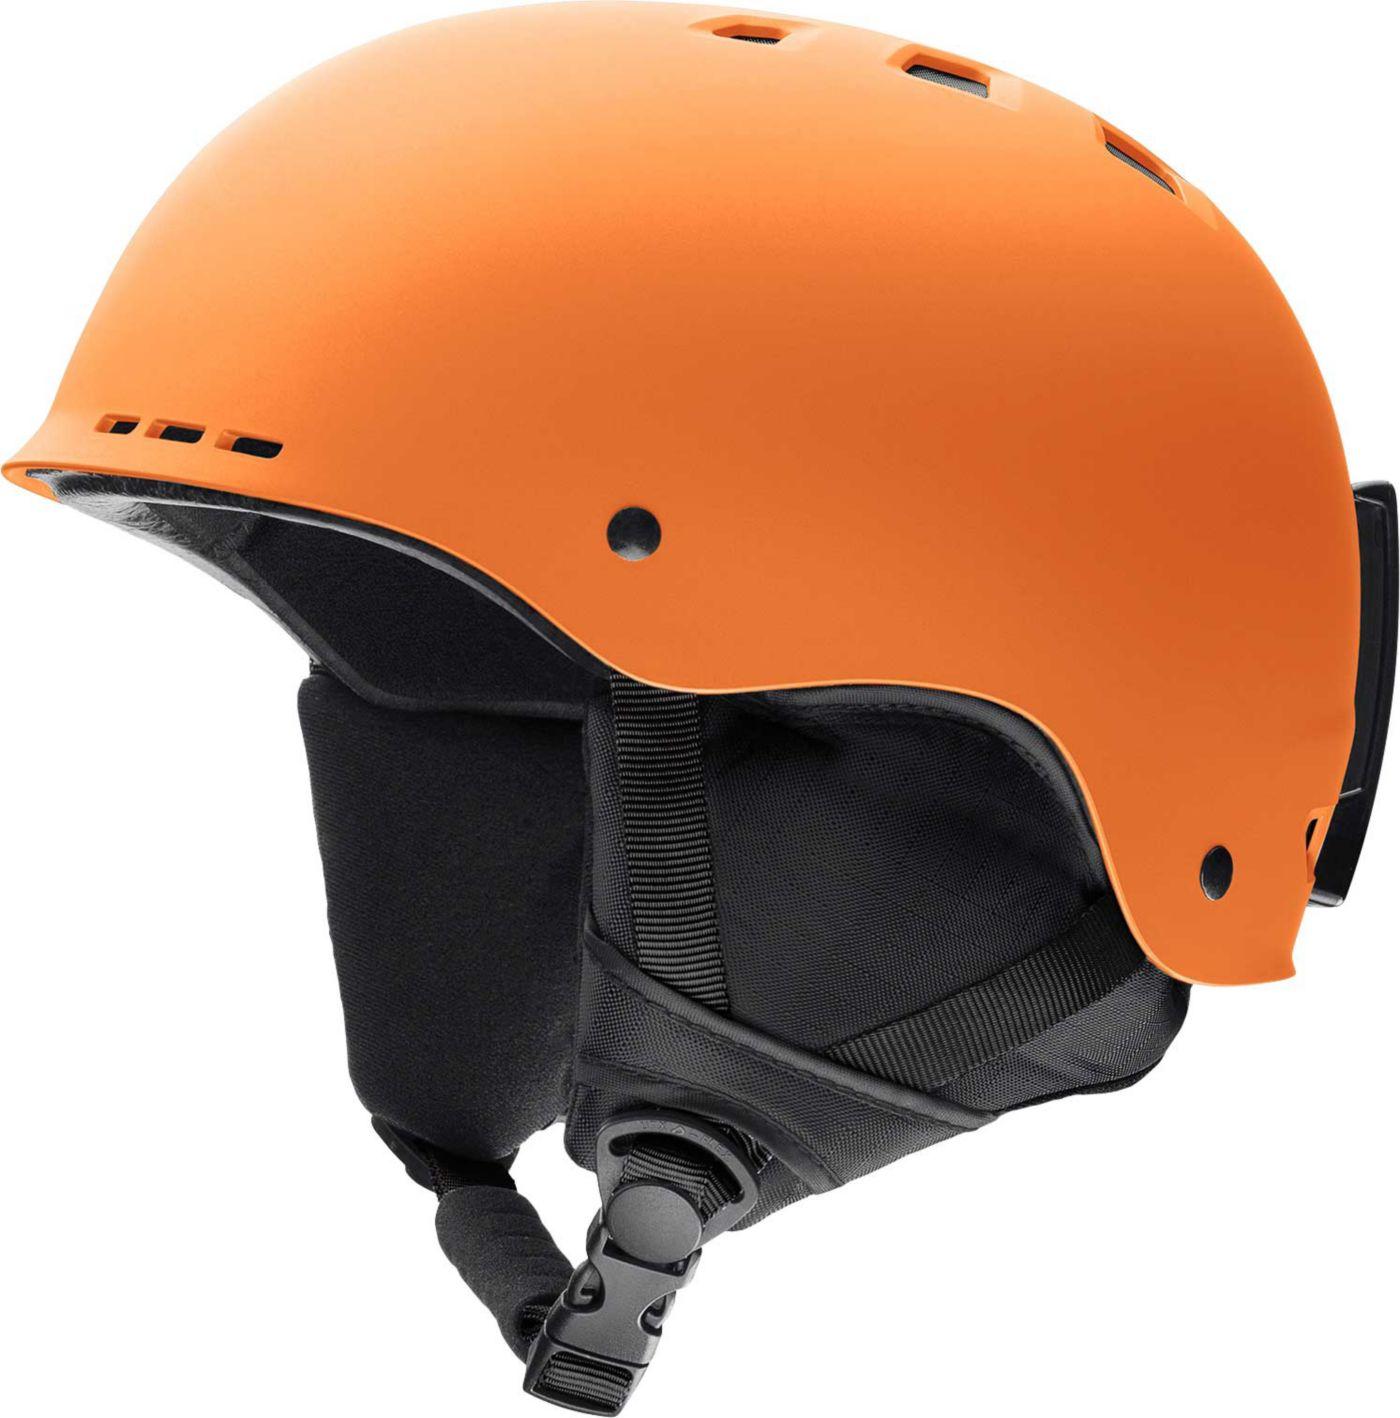 SMITH Adult Holt Multi-Season Helmet